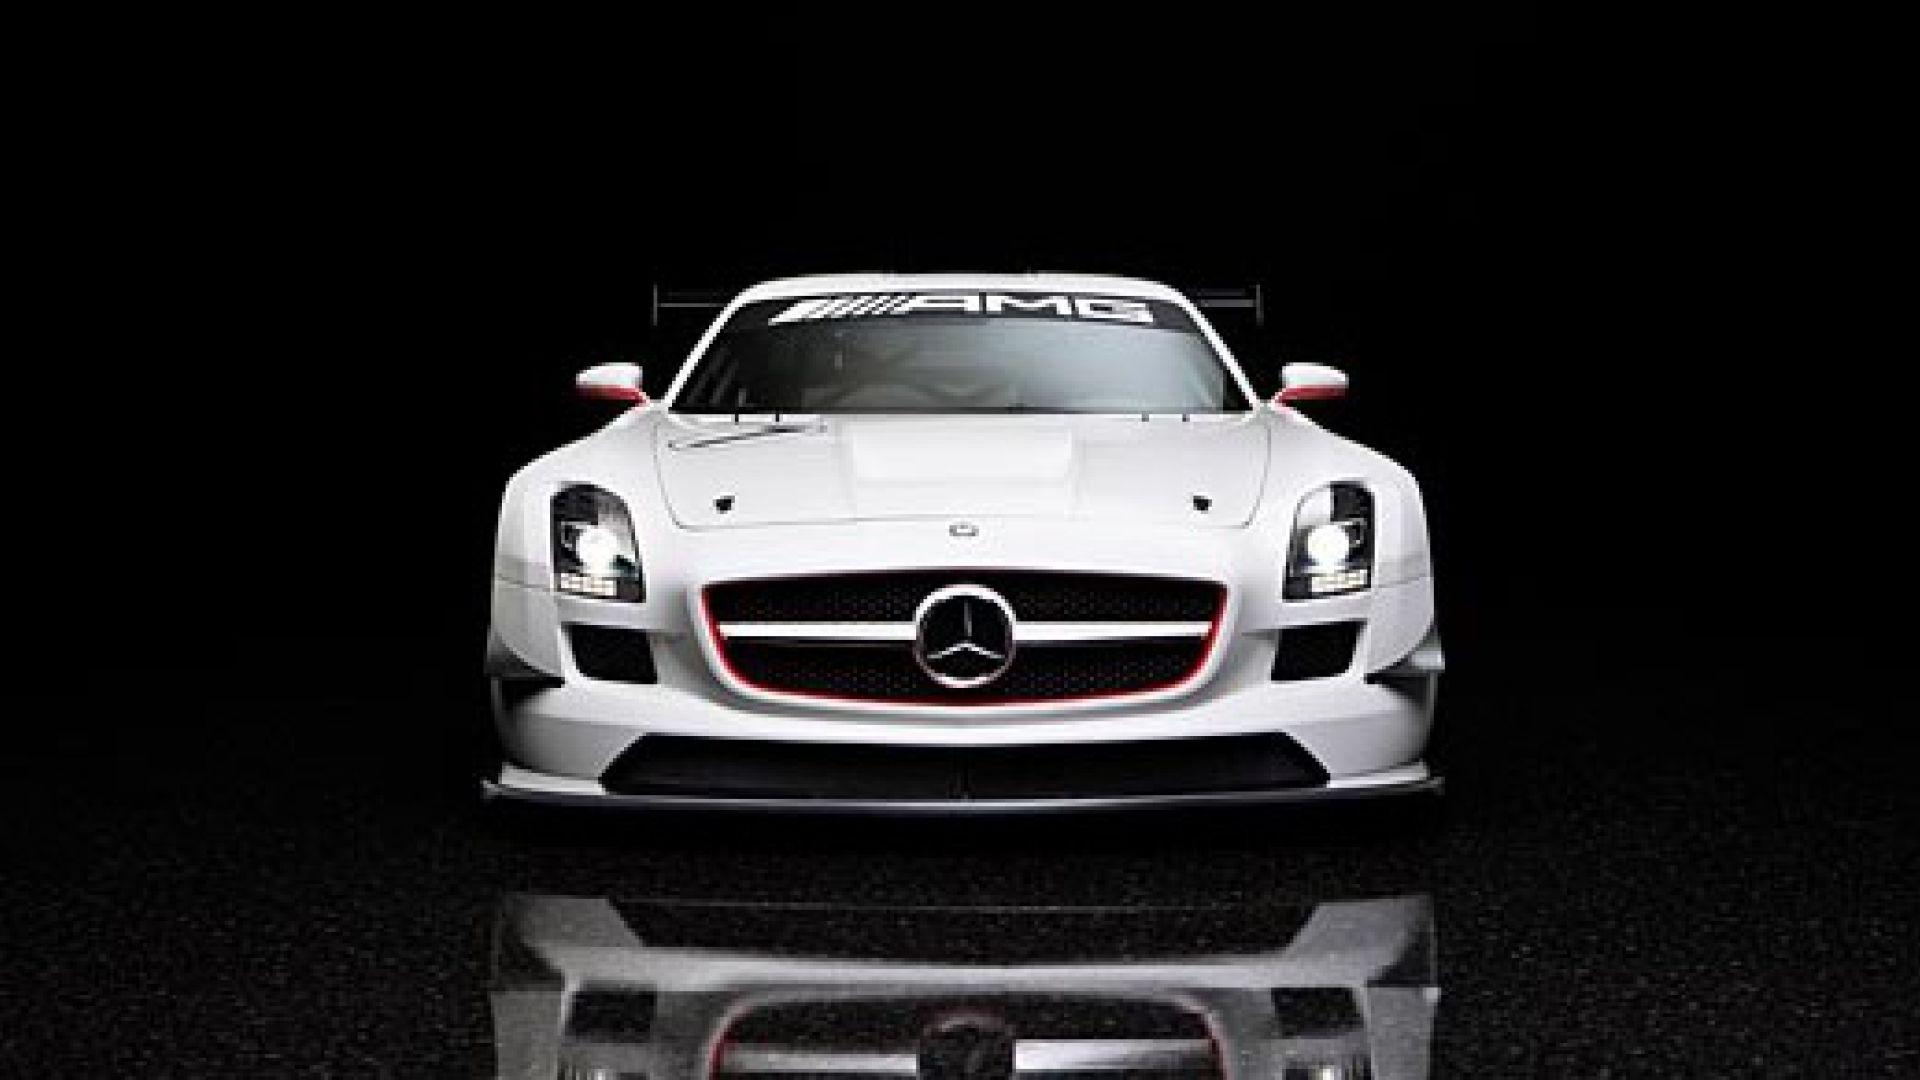 Immagine 29: I marchi auto più importanti del 2010